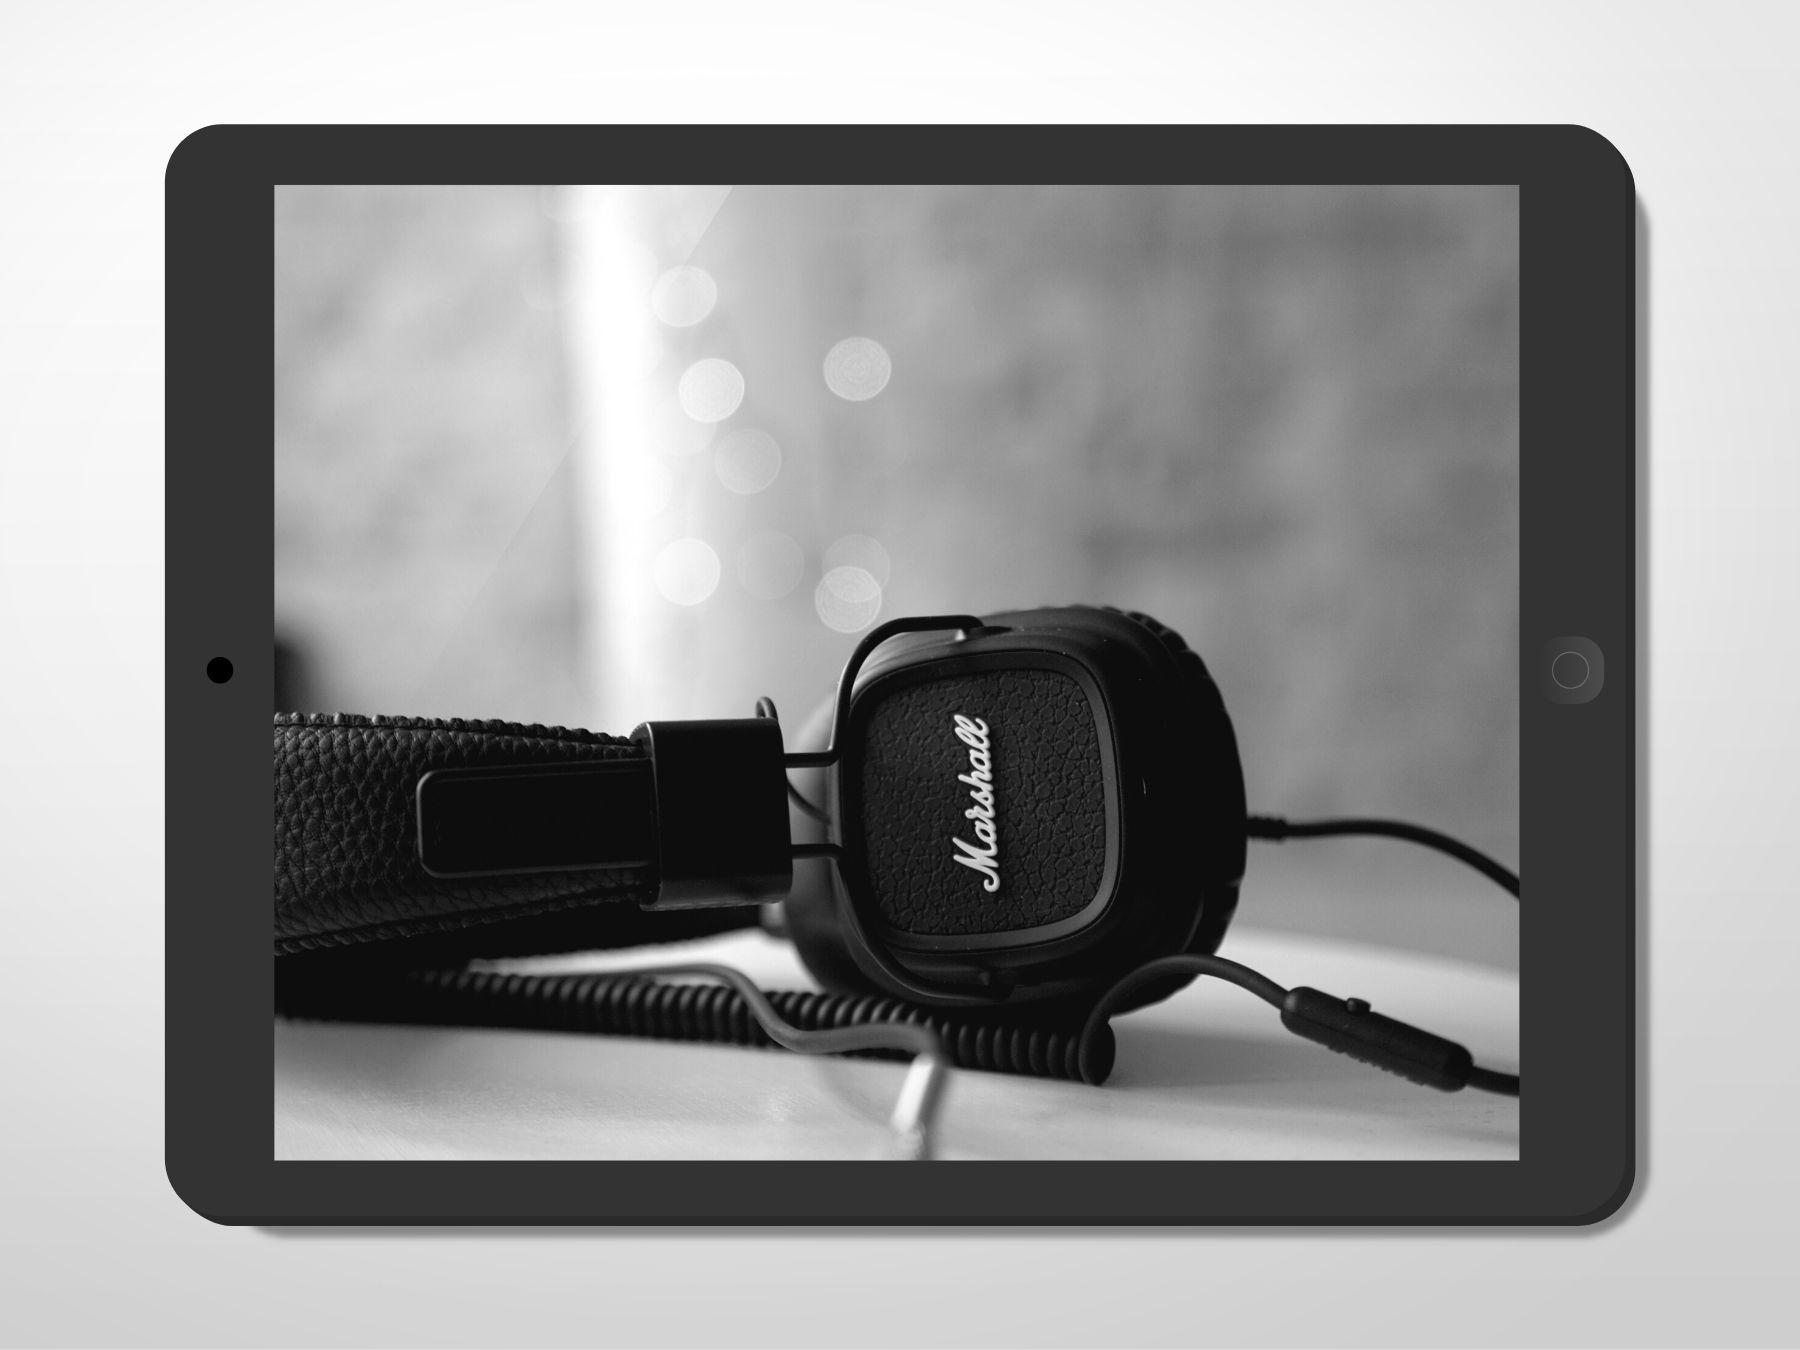 A pair of black Marshall headphones.